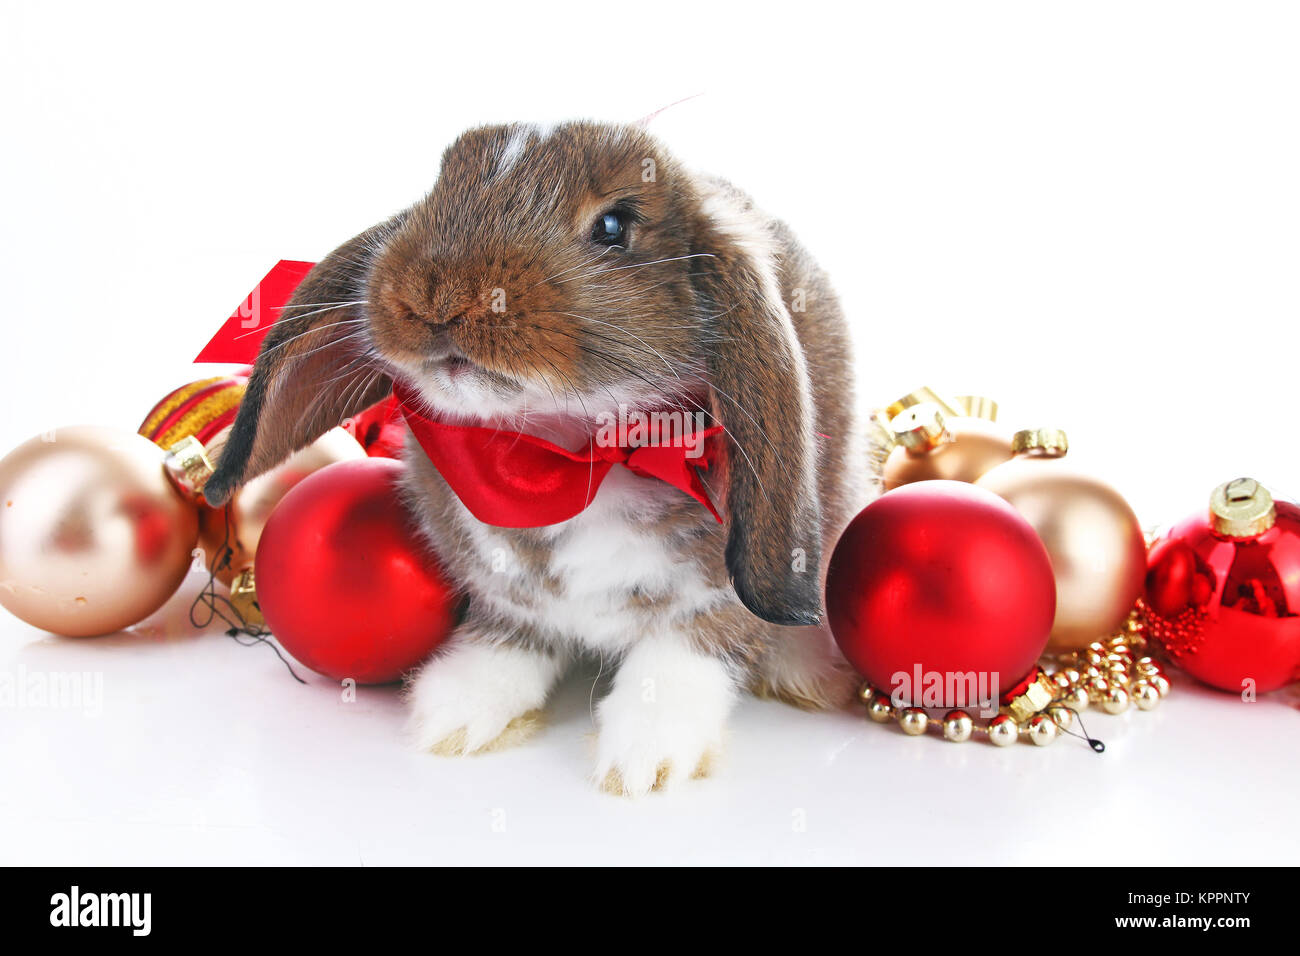 Weihnachten tiere s e weihnachten kaninchen kaninchen bunny lop feiern sie weihnachten mit - Weihnachtskugel englisch ...